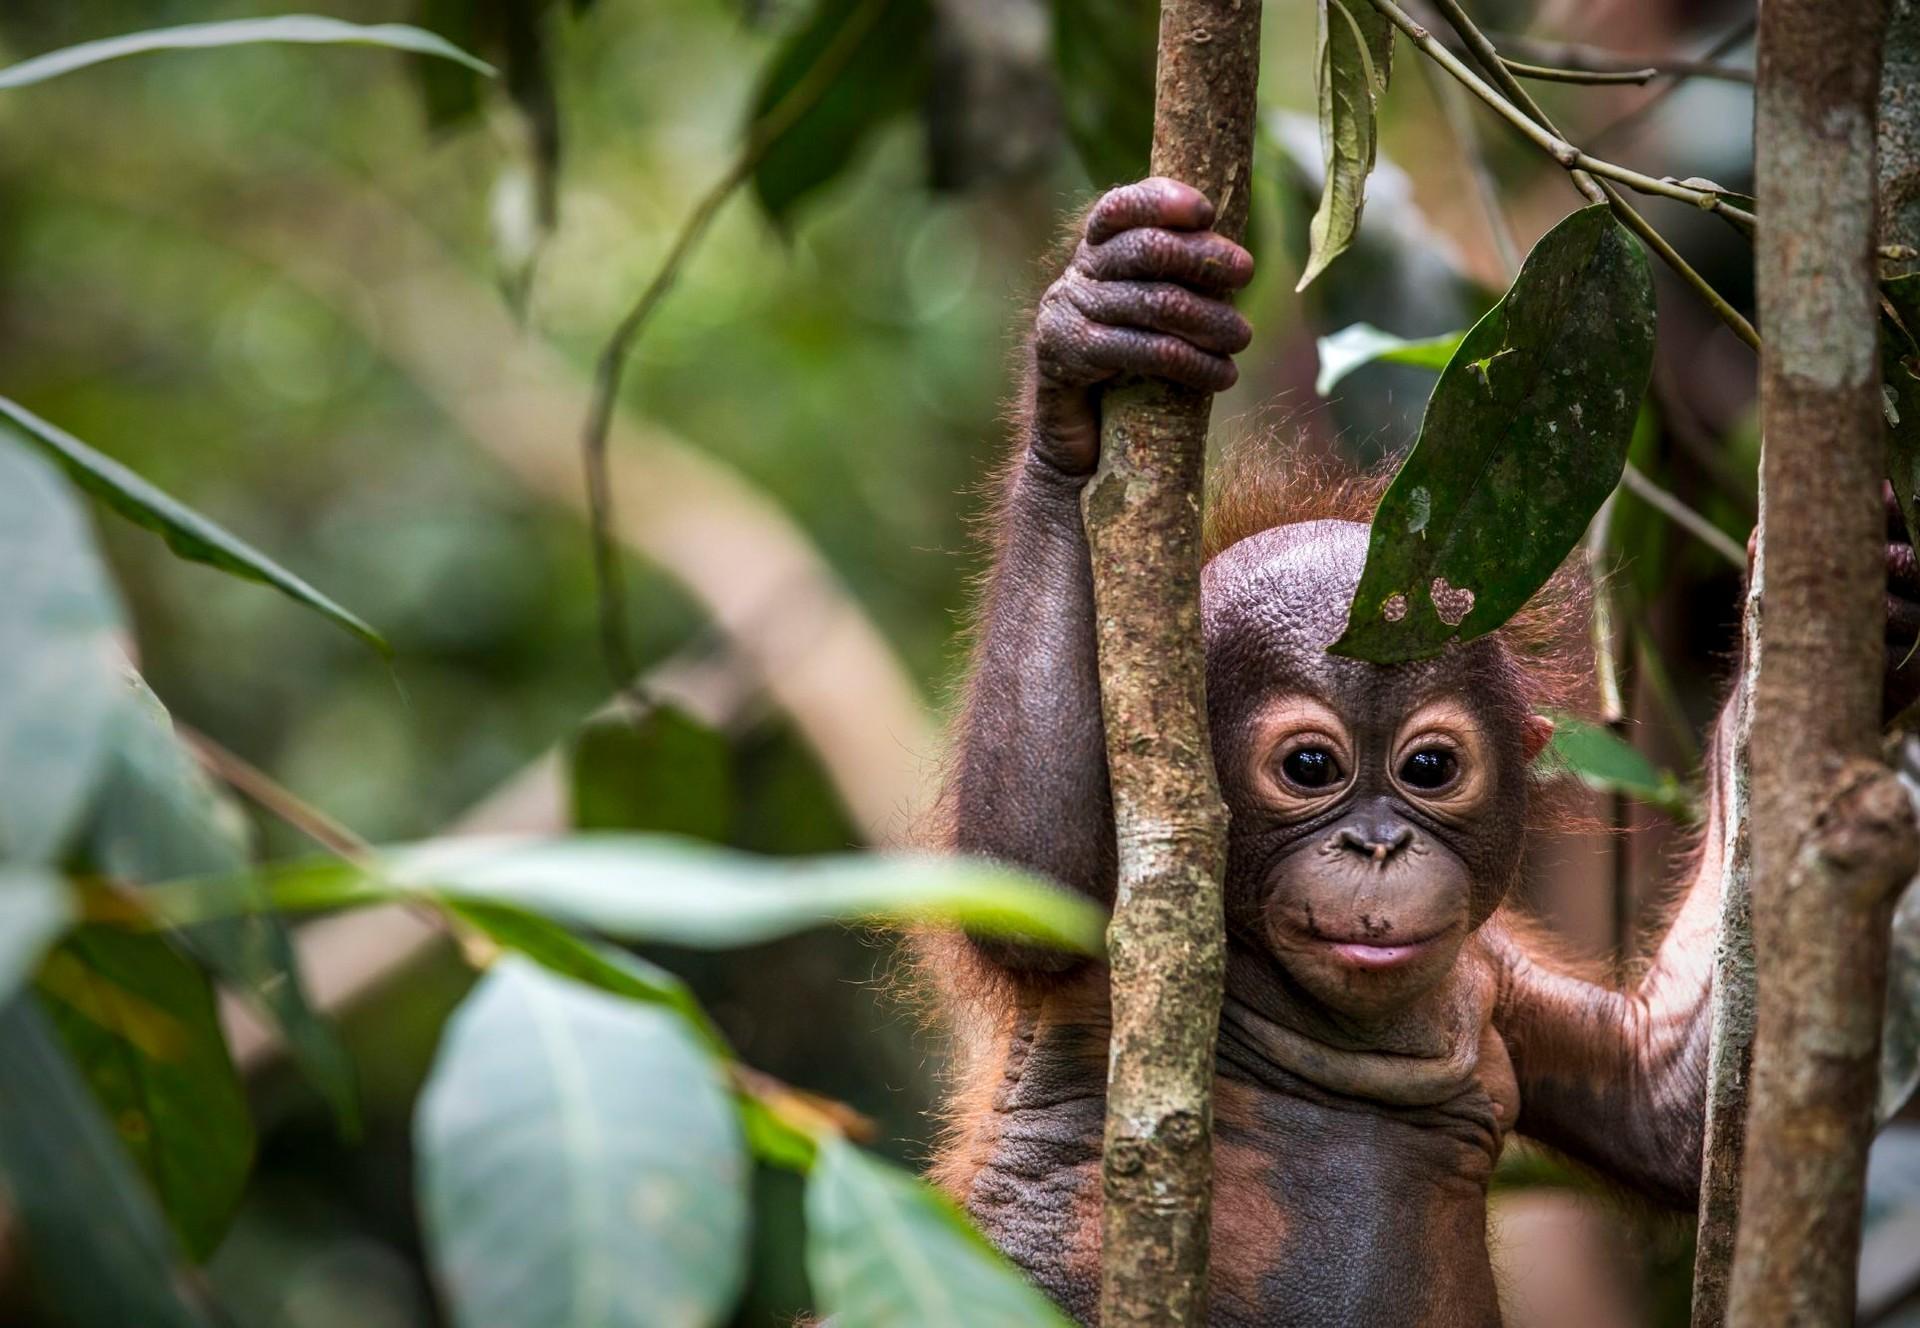 Orang-Utan klettert an einem Ast im Wald